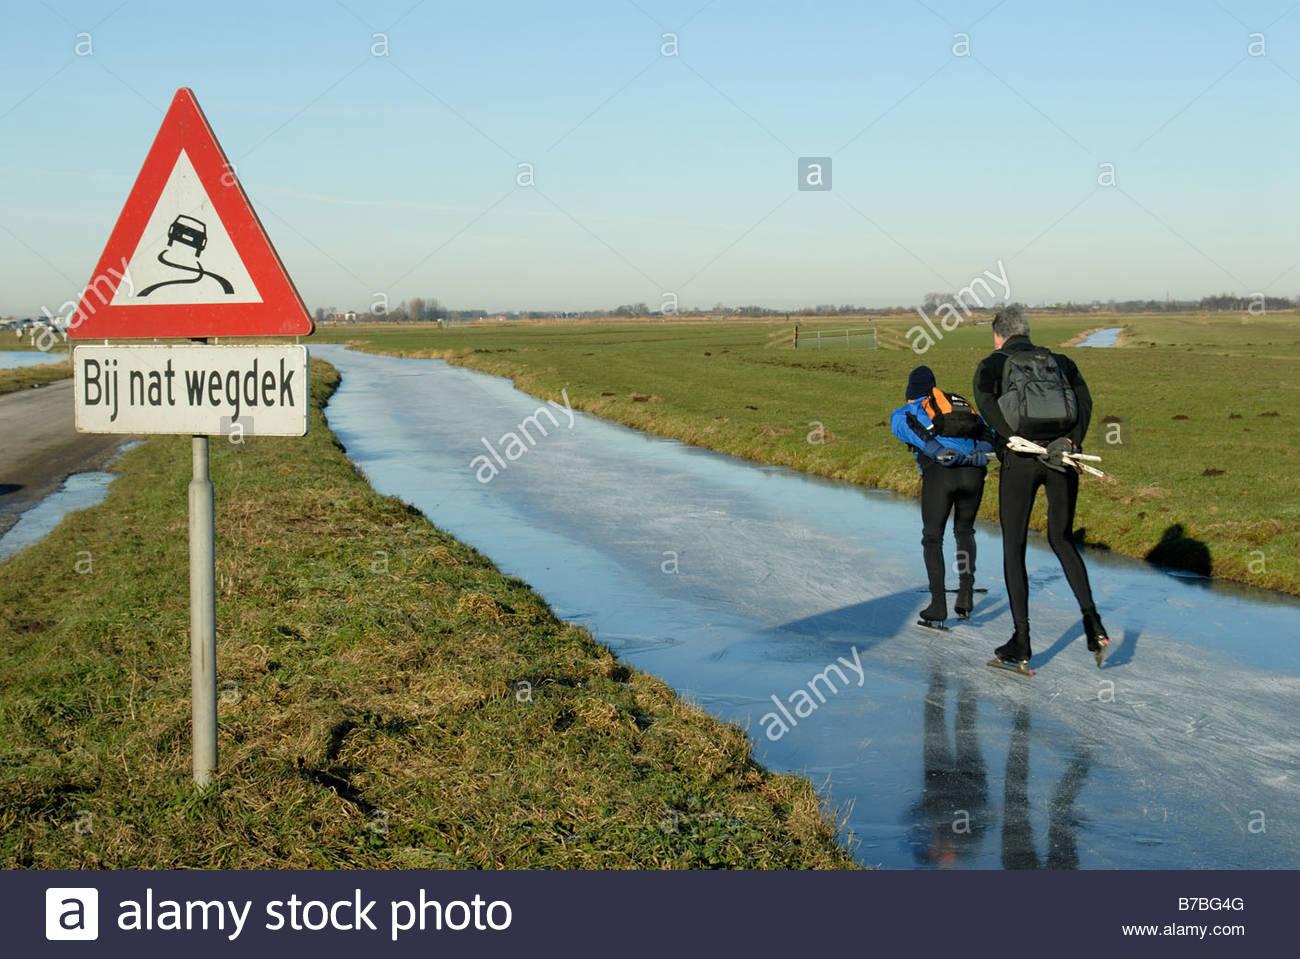 ransdorp-the-netherlands-skaters-skate-through-the-polder-landscape-B7BG4G.jpg